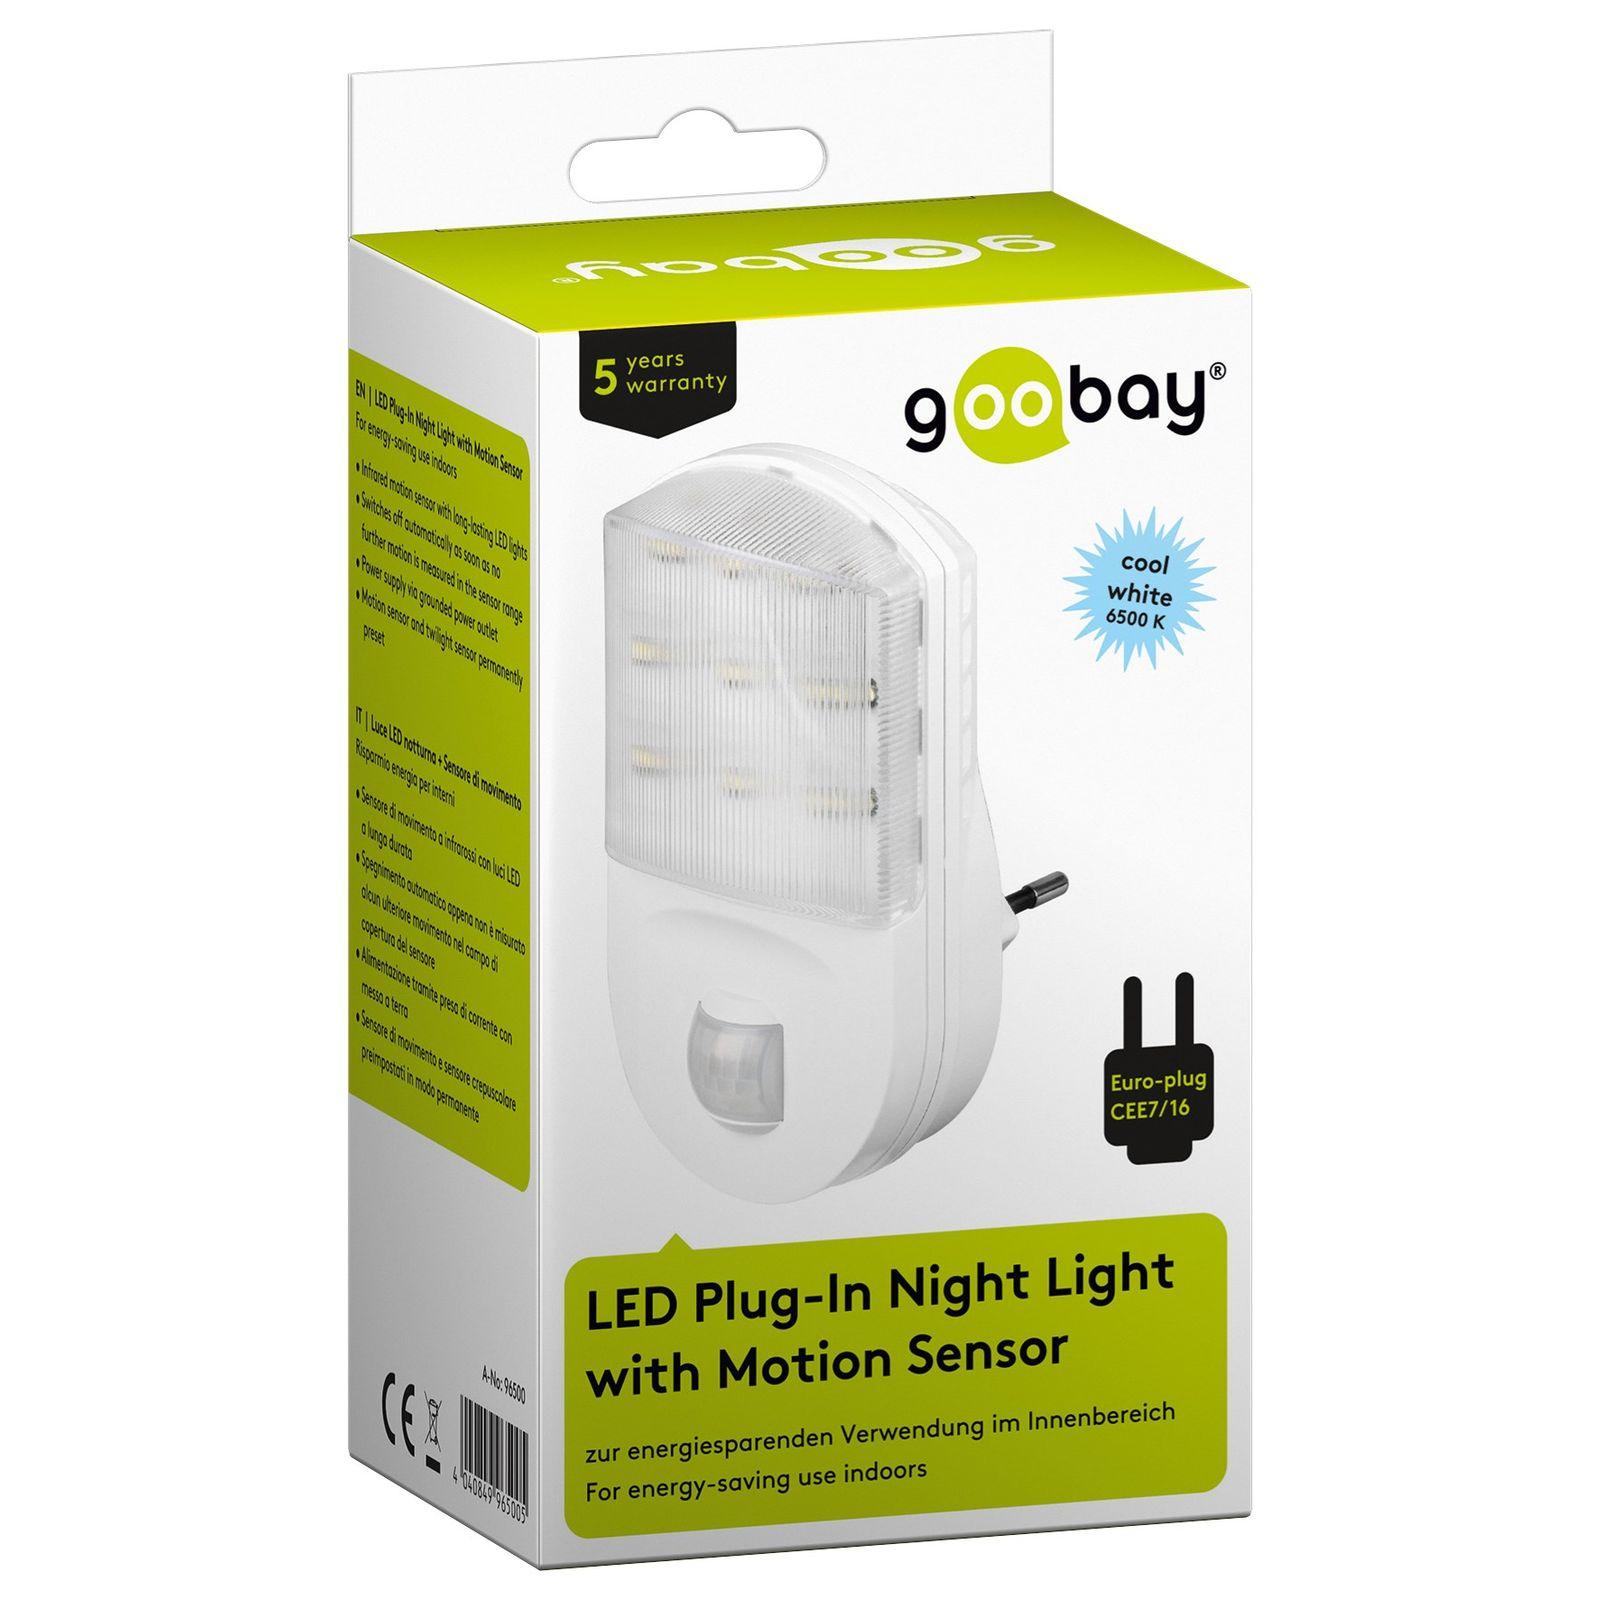 led nachtlicht mit bewegungsmelder f r steckdose 9 leds nachtlicht nachtlampe 4040849965005 ebay. Black Bedroom Furniture Sets. Home Design Ideas